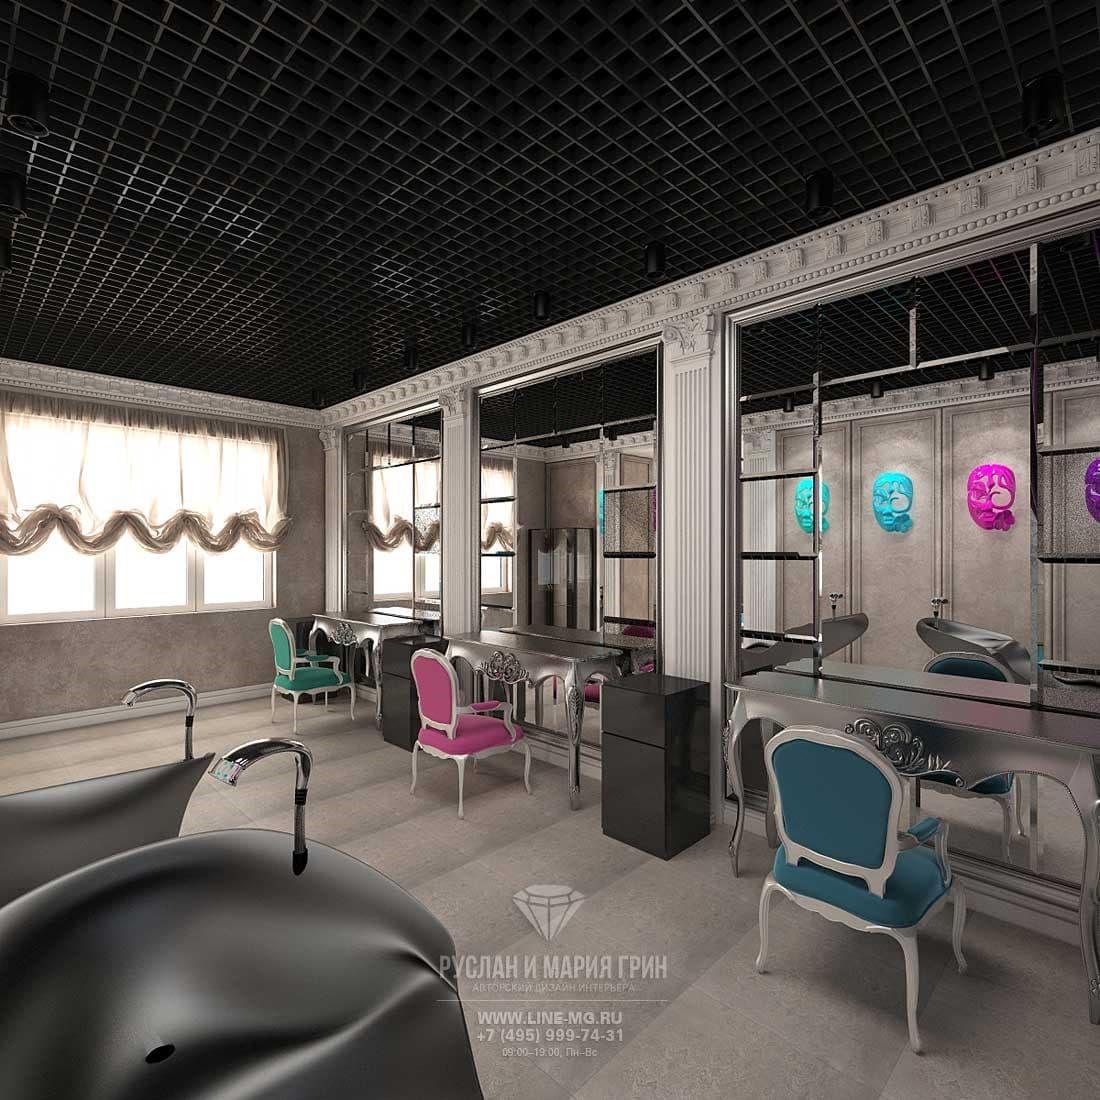 Проект интерьера салона красоты. Фото парикмахерской